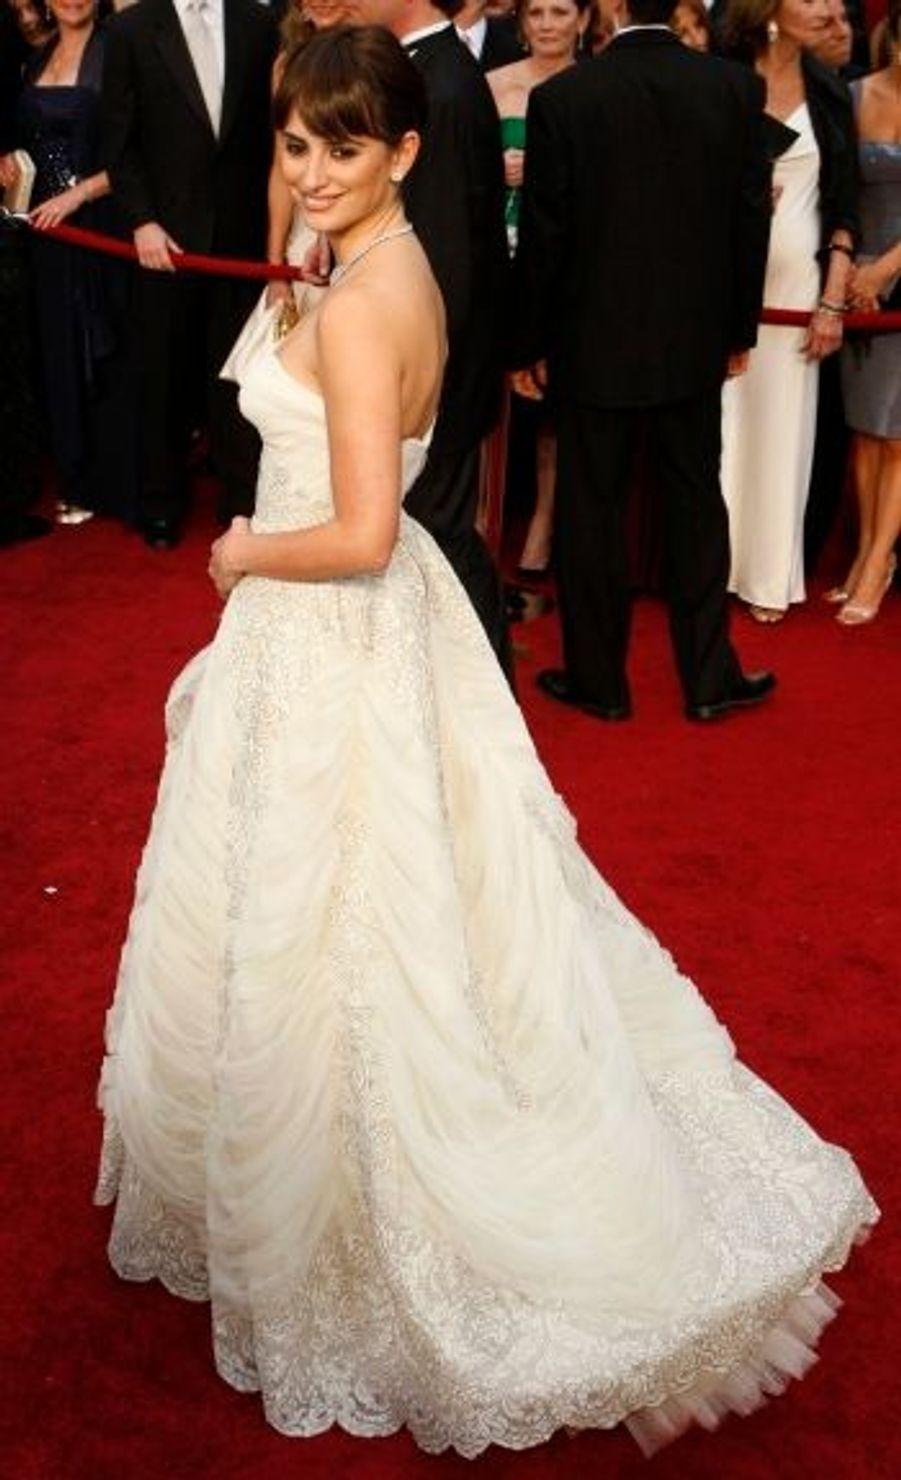 Comme attendu, Penelope Cruz a été récompensée pour son rôle dans 'Vicky Cristina Barcelona', dans la catégorie Second rôle féminin.